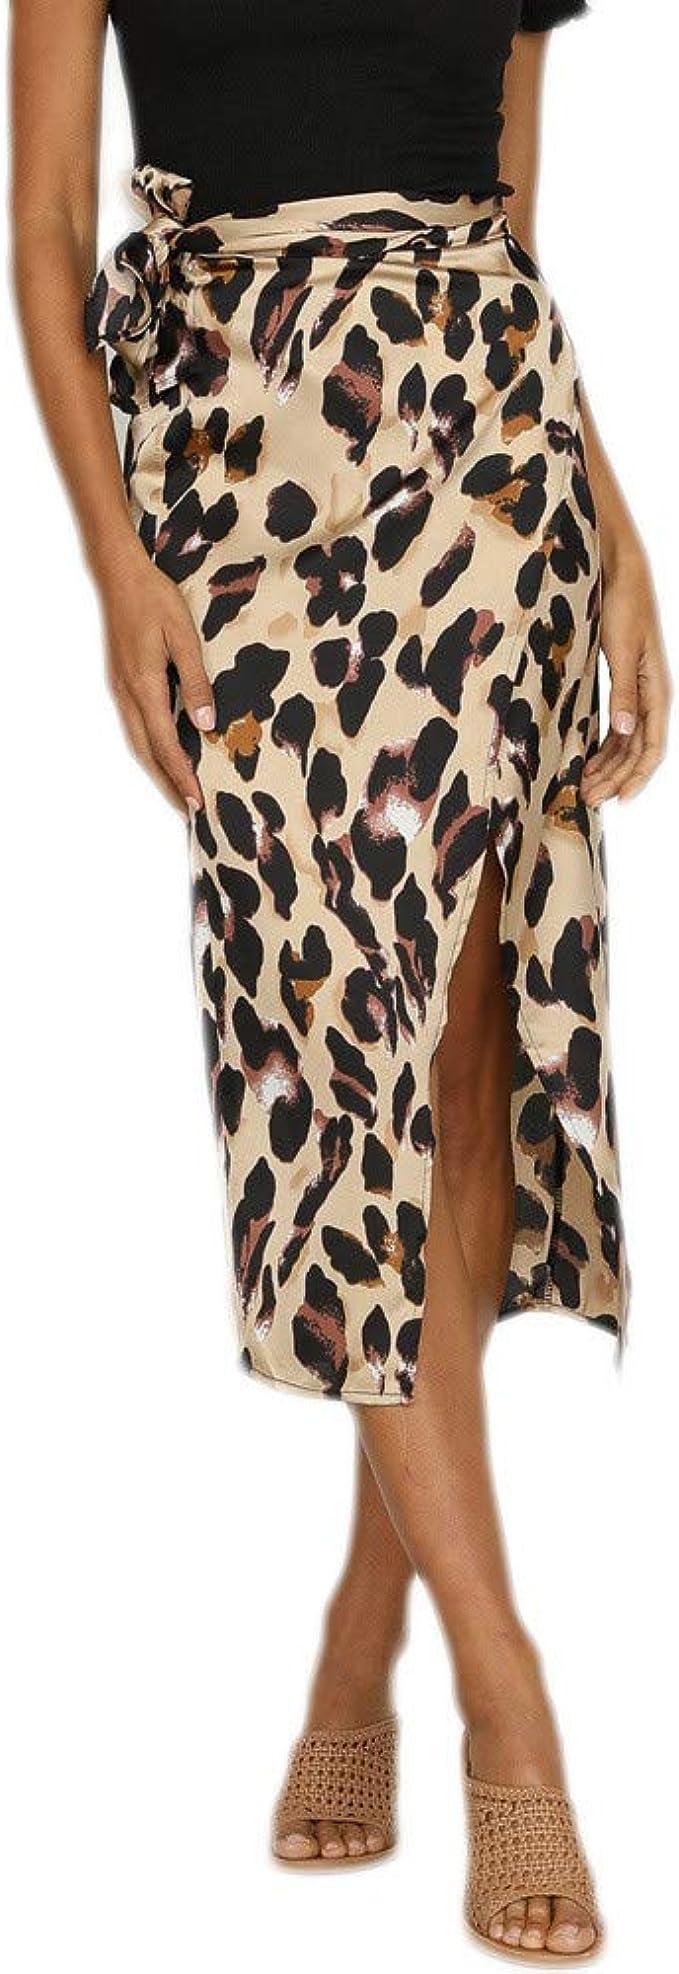 VJGOAL Moda Casual de Verano para Mujer Sujetador Push-up de Cintura Alta Atractivo Vestido de Bikini con Estampado Floral de Hojas Traje de ba/ño Traje de ba/ño Dividido